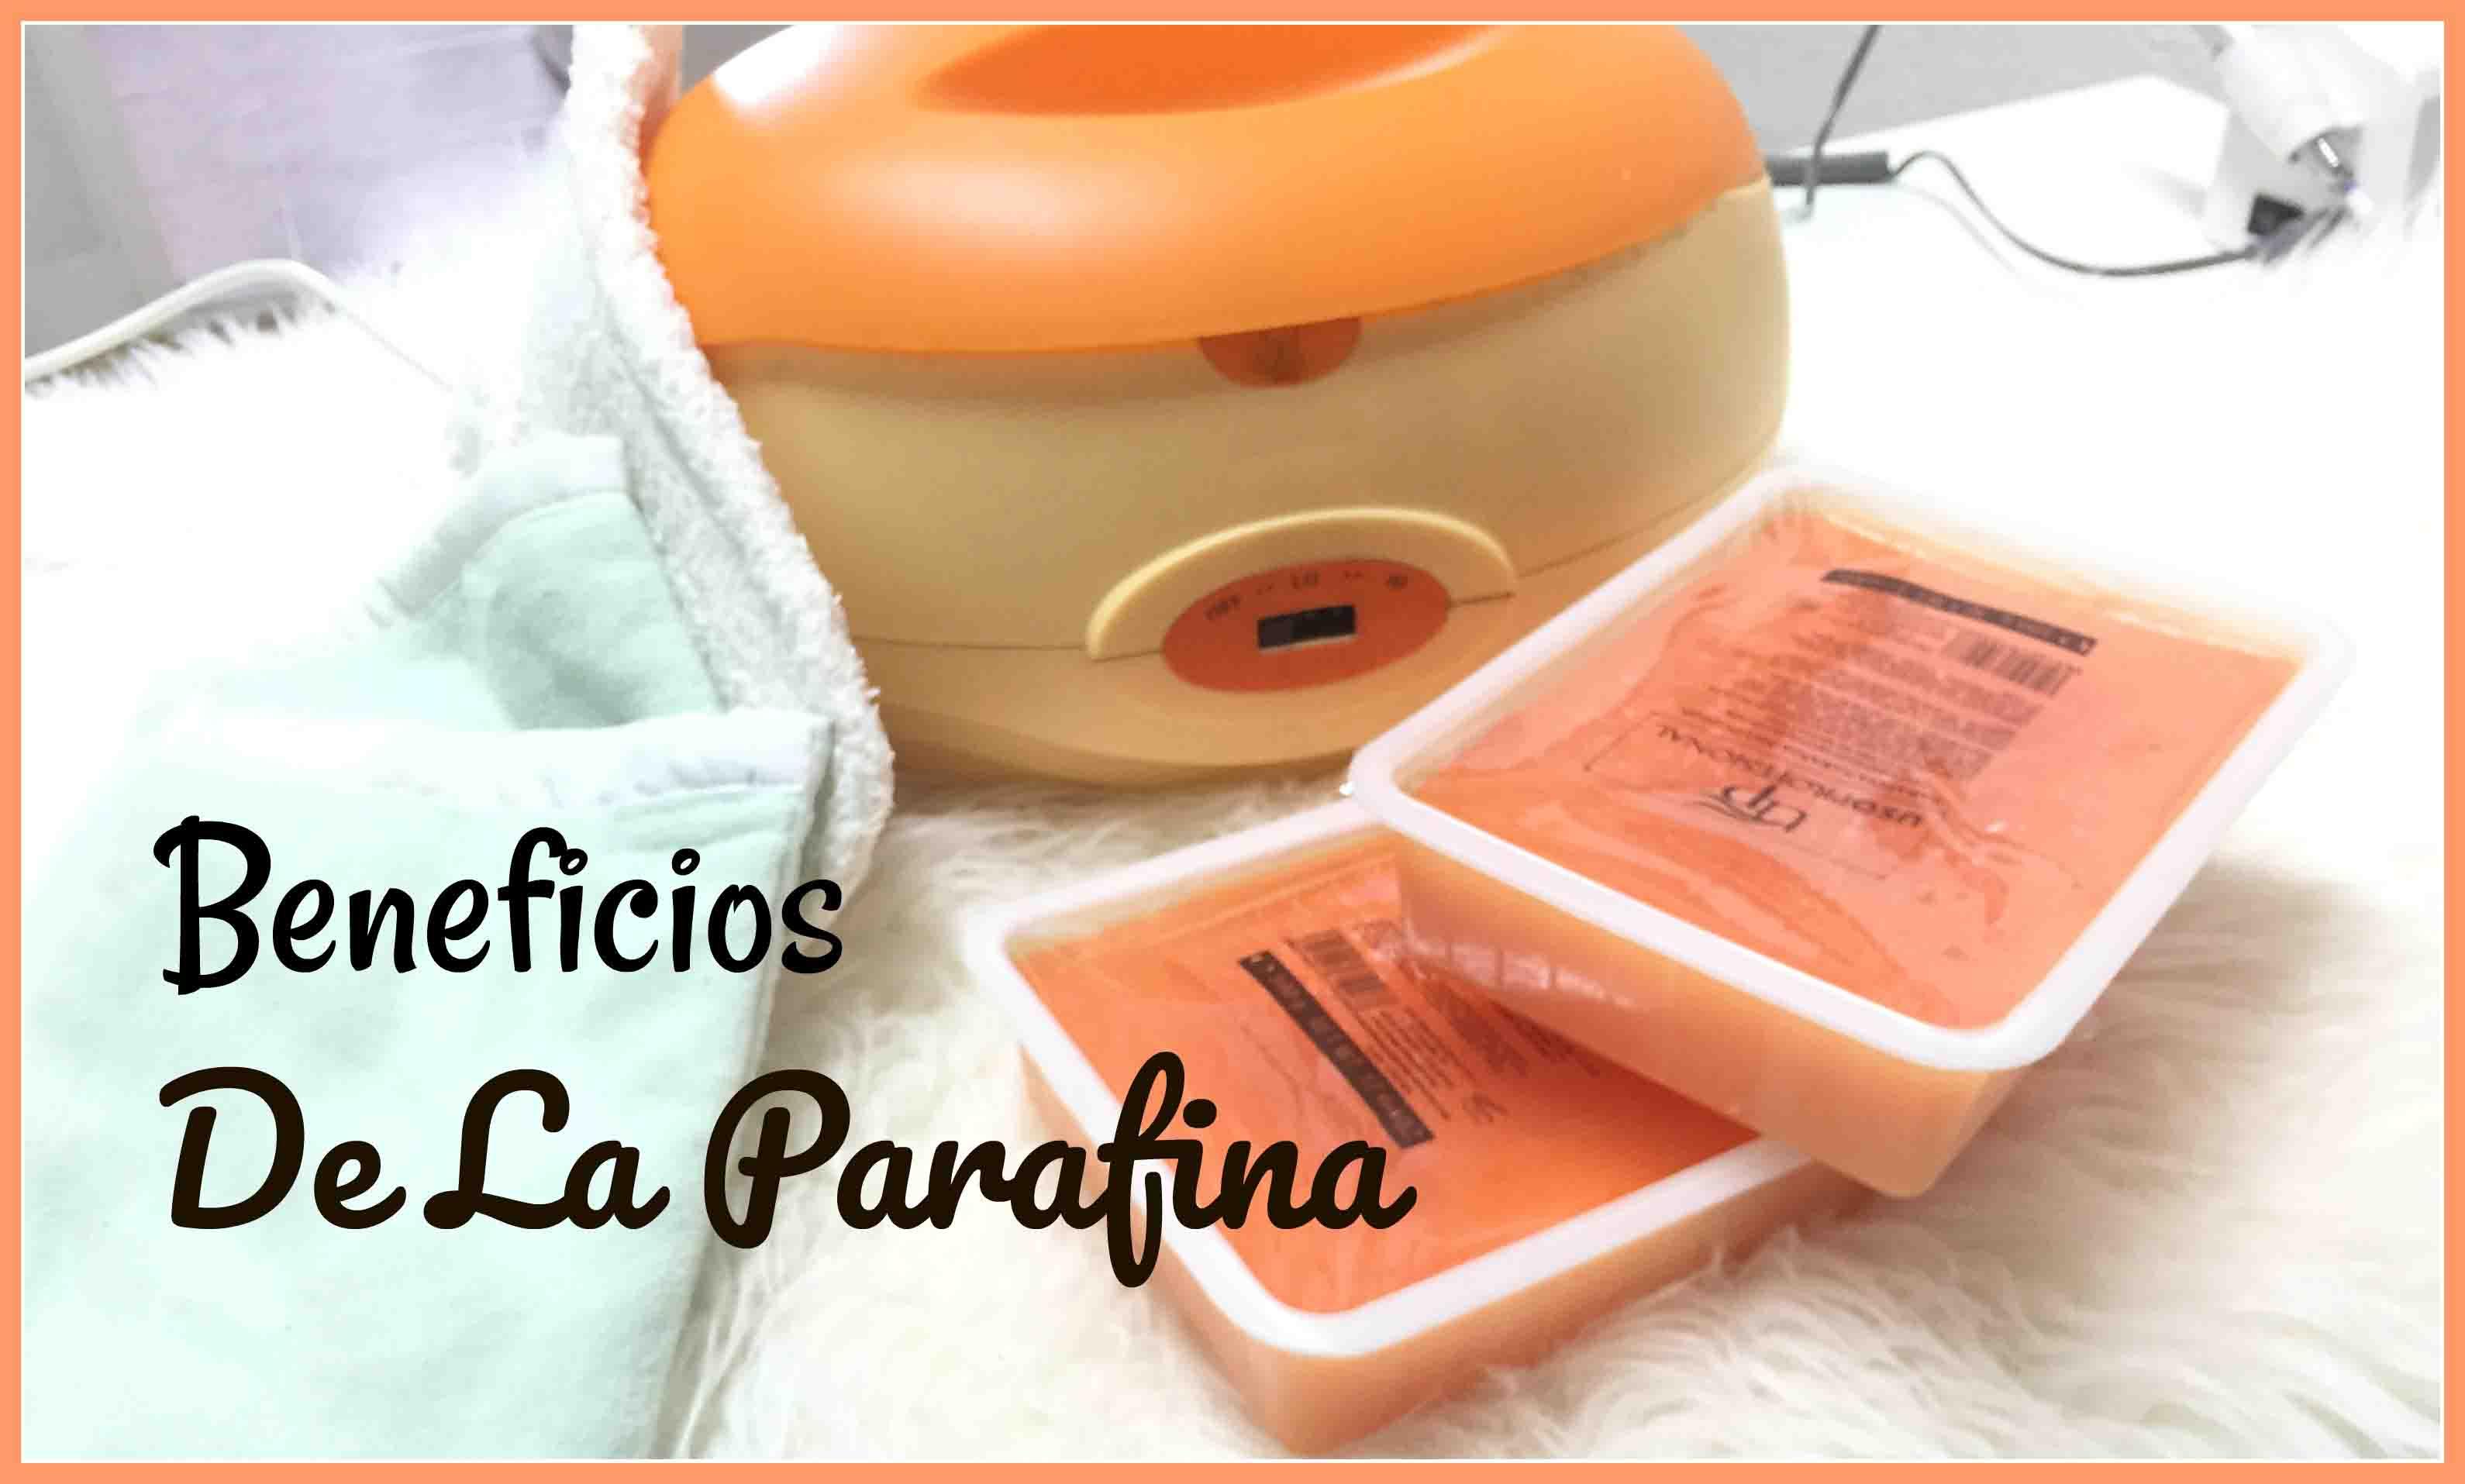 Beneficios de la Parafina